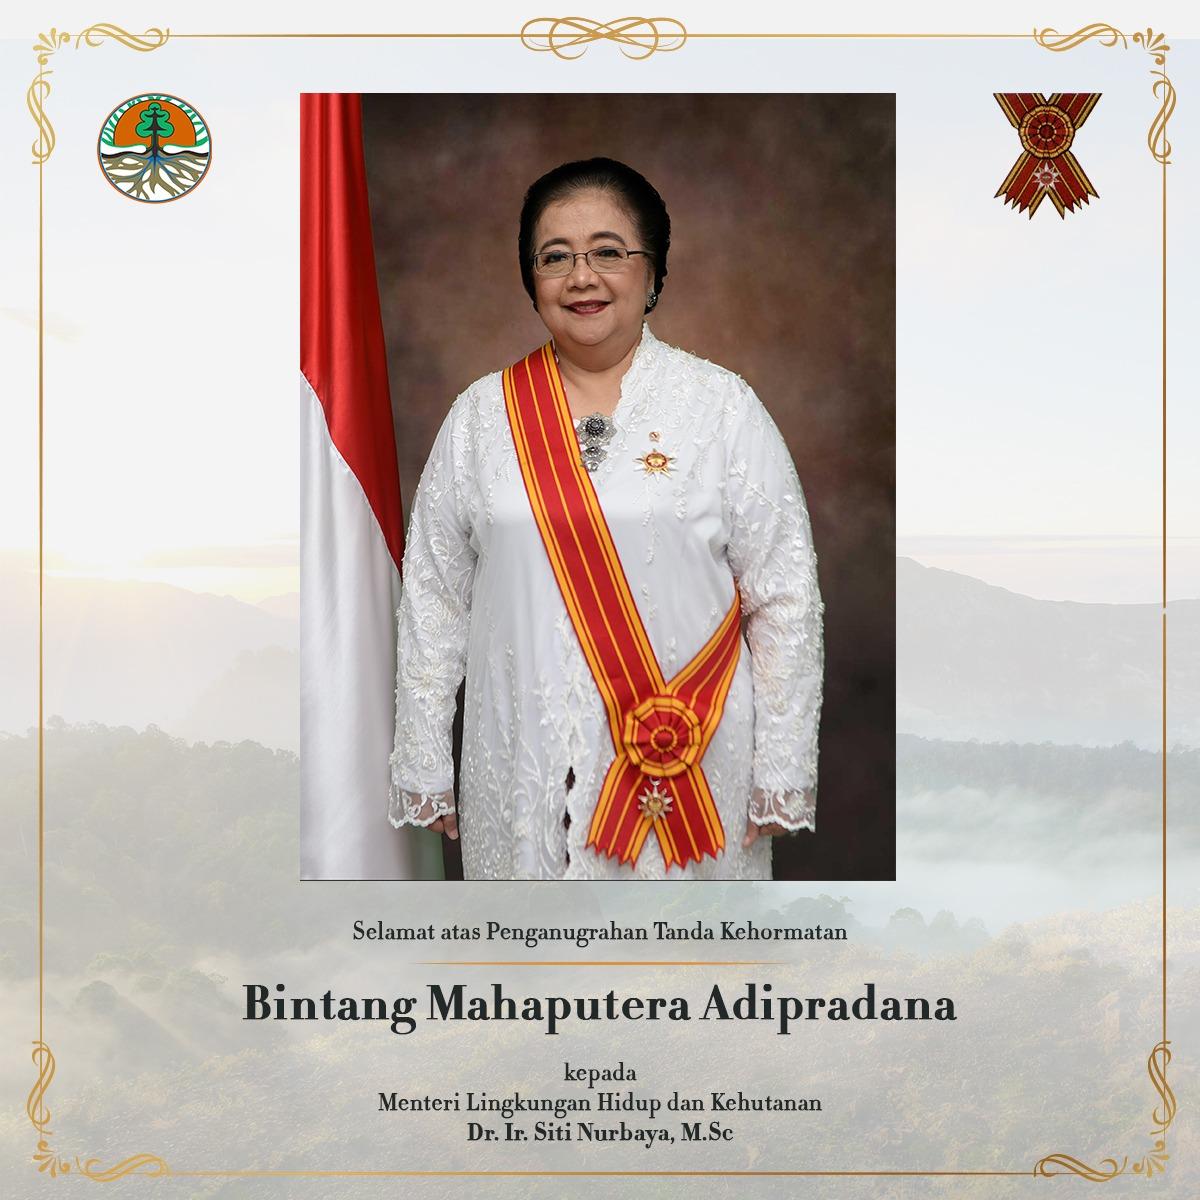 Terima Bintang Mahaputera Adipradana, Menteri LHK: Untuk Ayah, Ibu dan Indonesia